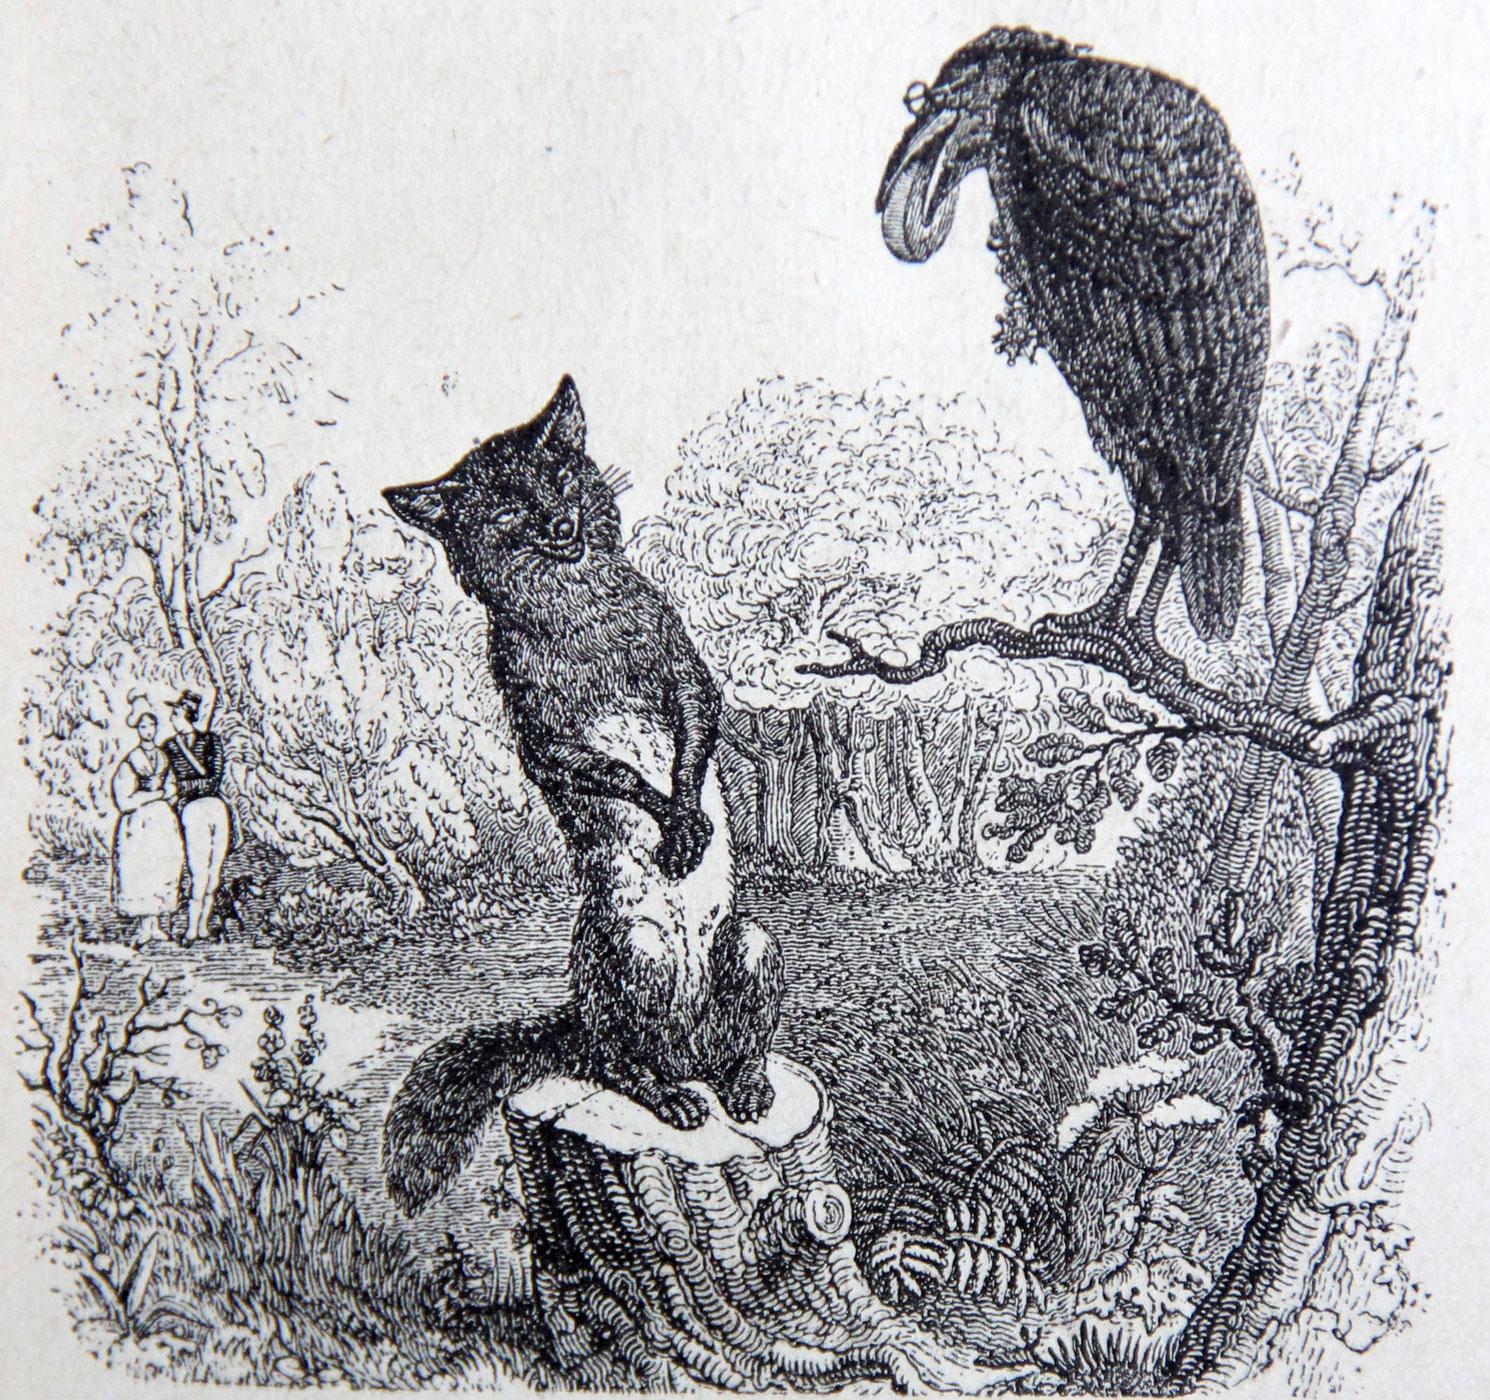 gravure, illustration pour la fable de La Fontaine Le corbeau et le renard